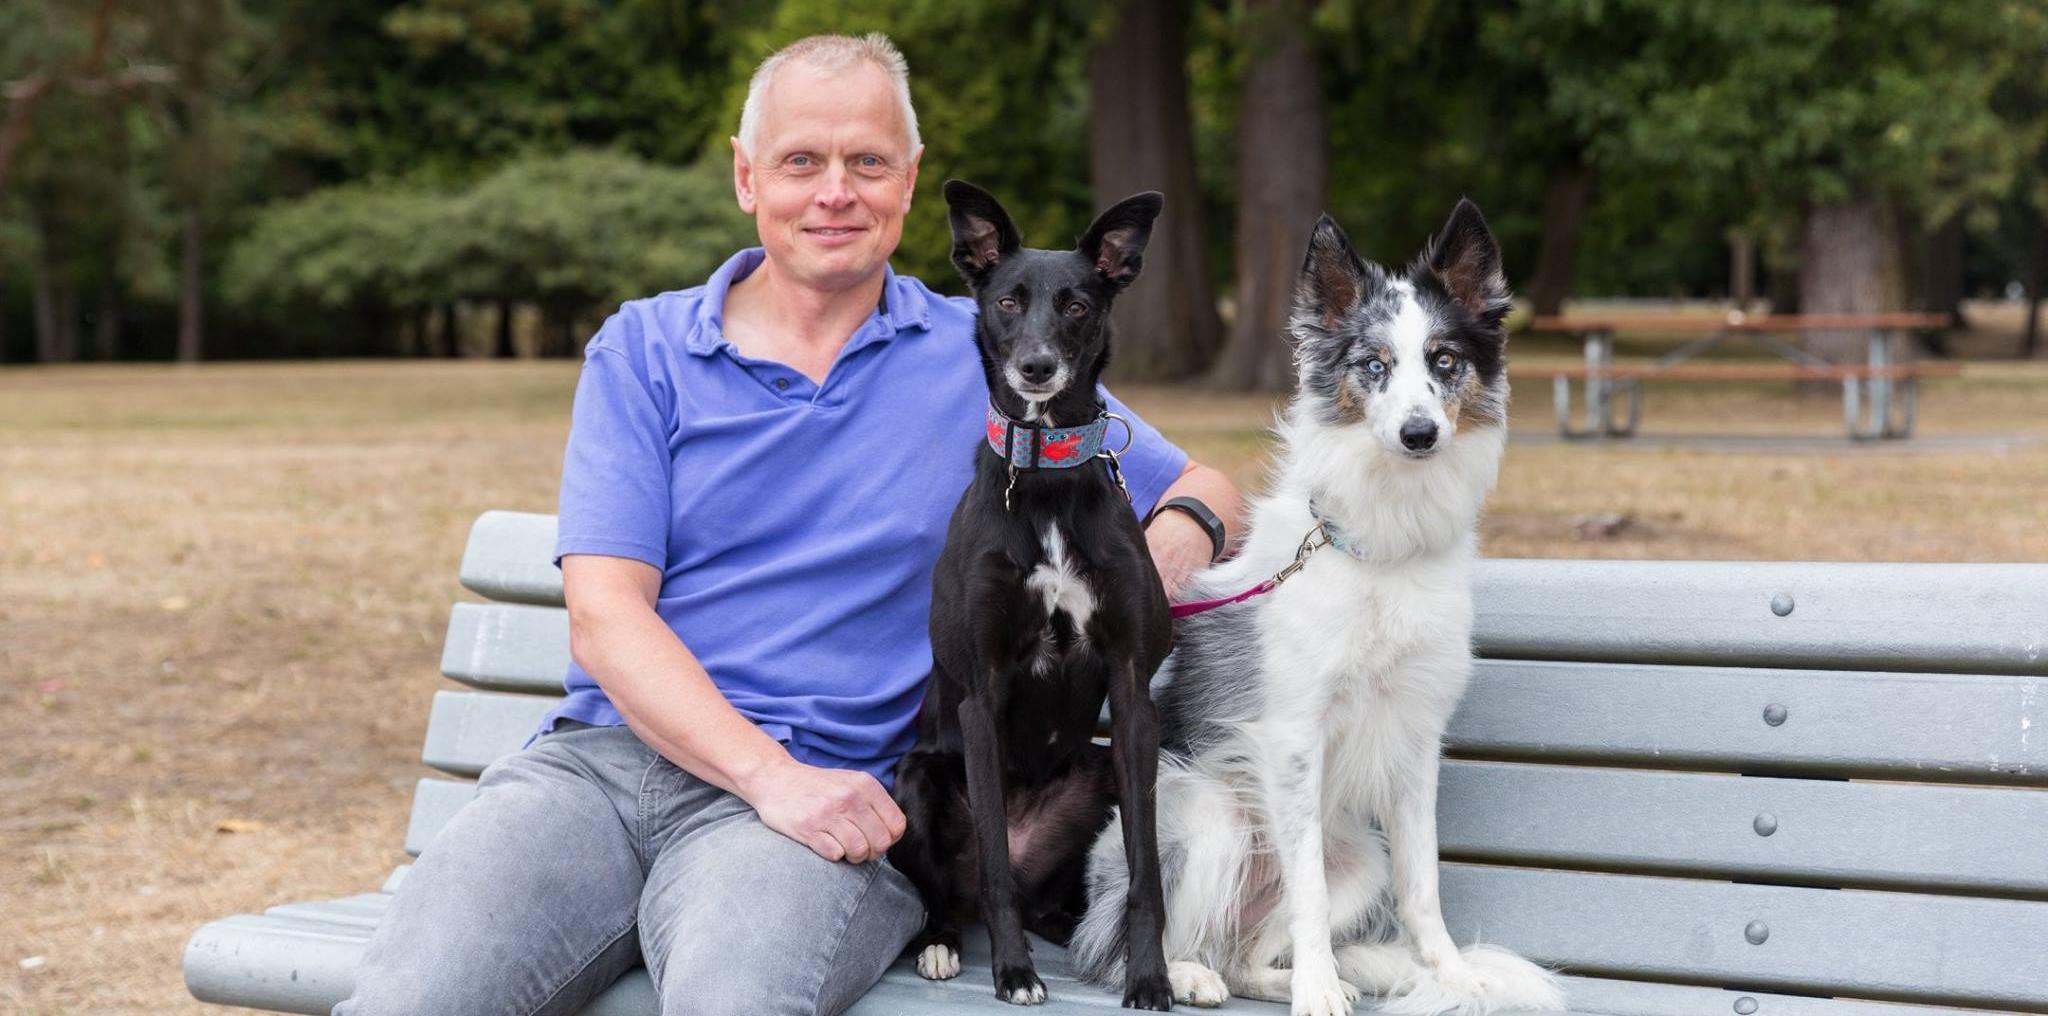 Paul dogs2.jpg